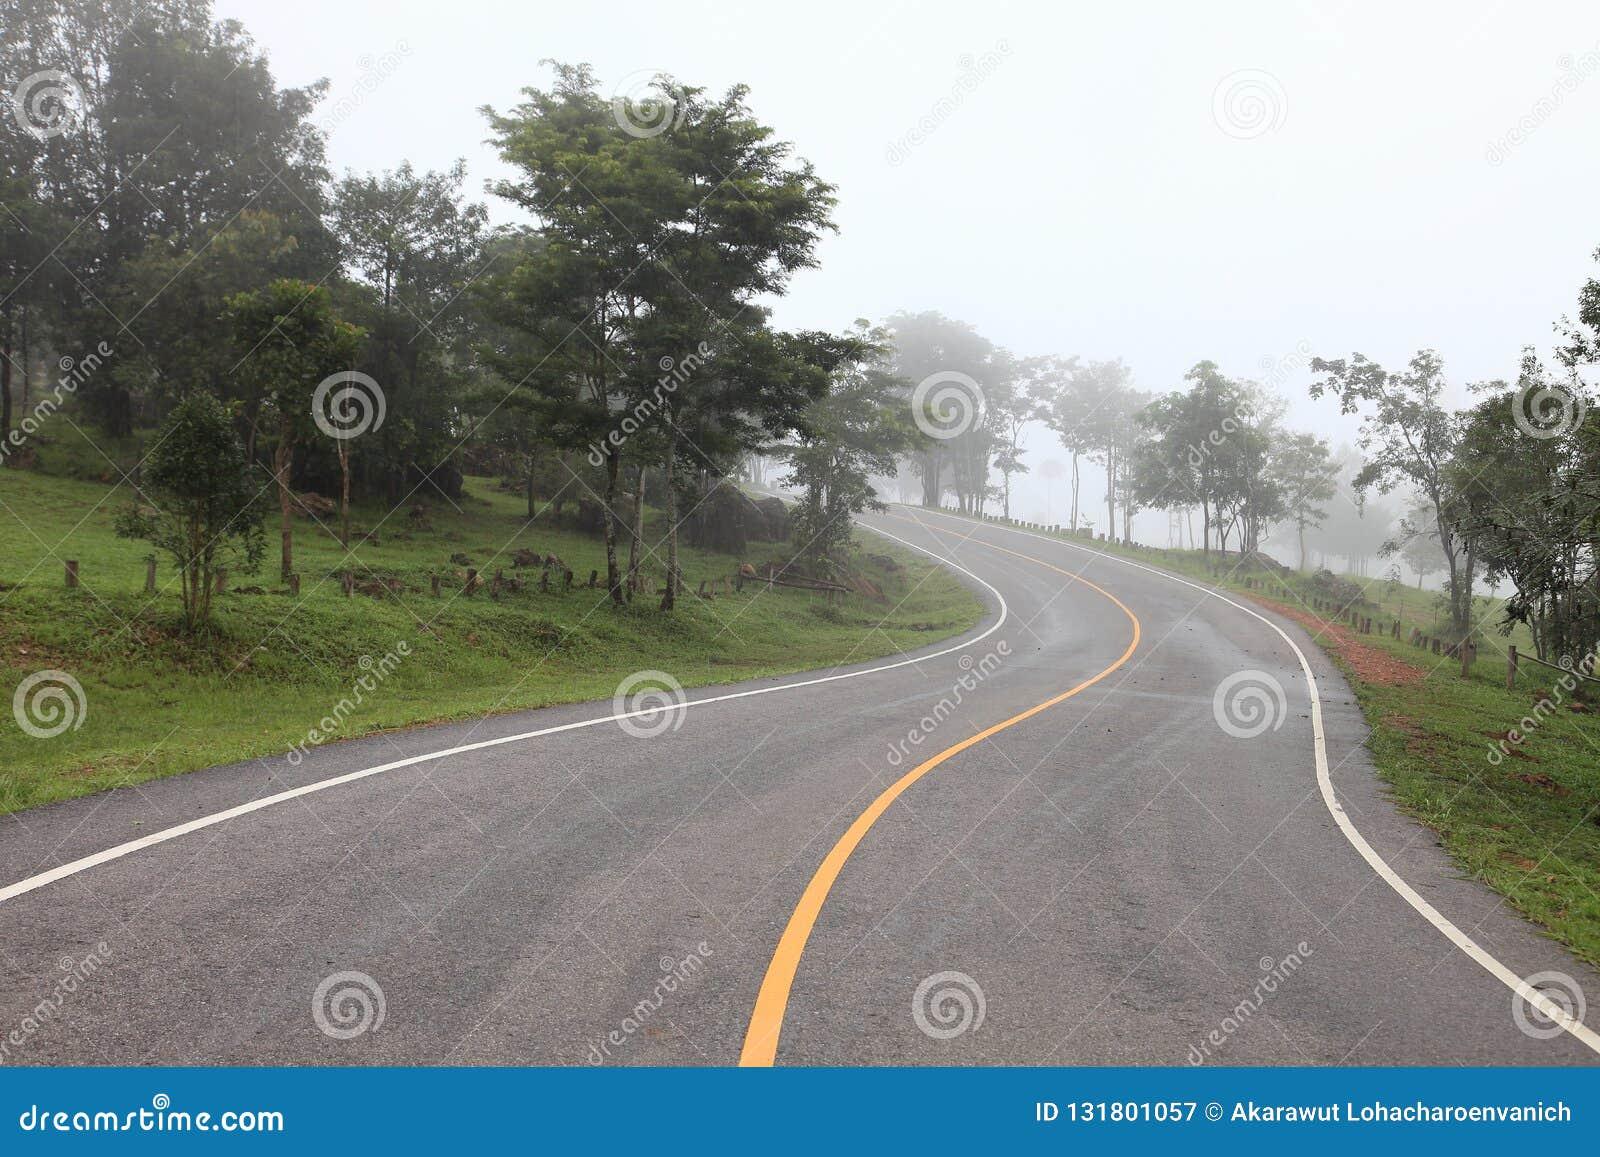 S buktade vägen som leder in i berget i den kalla dimmiga morgondagen